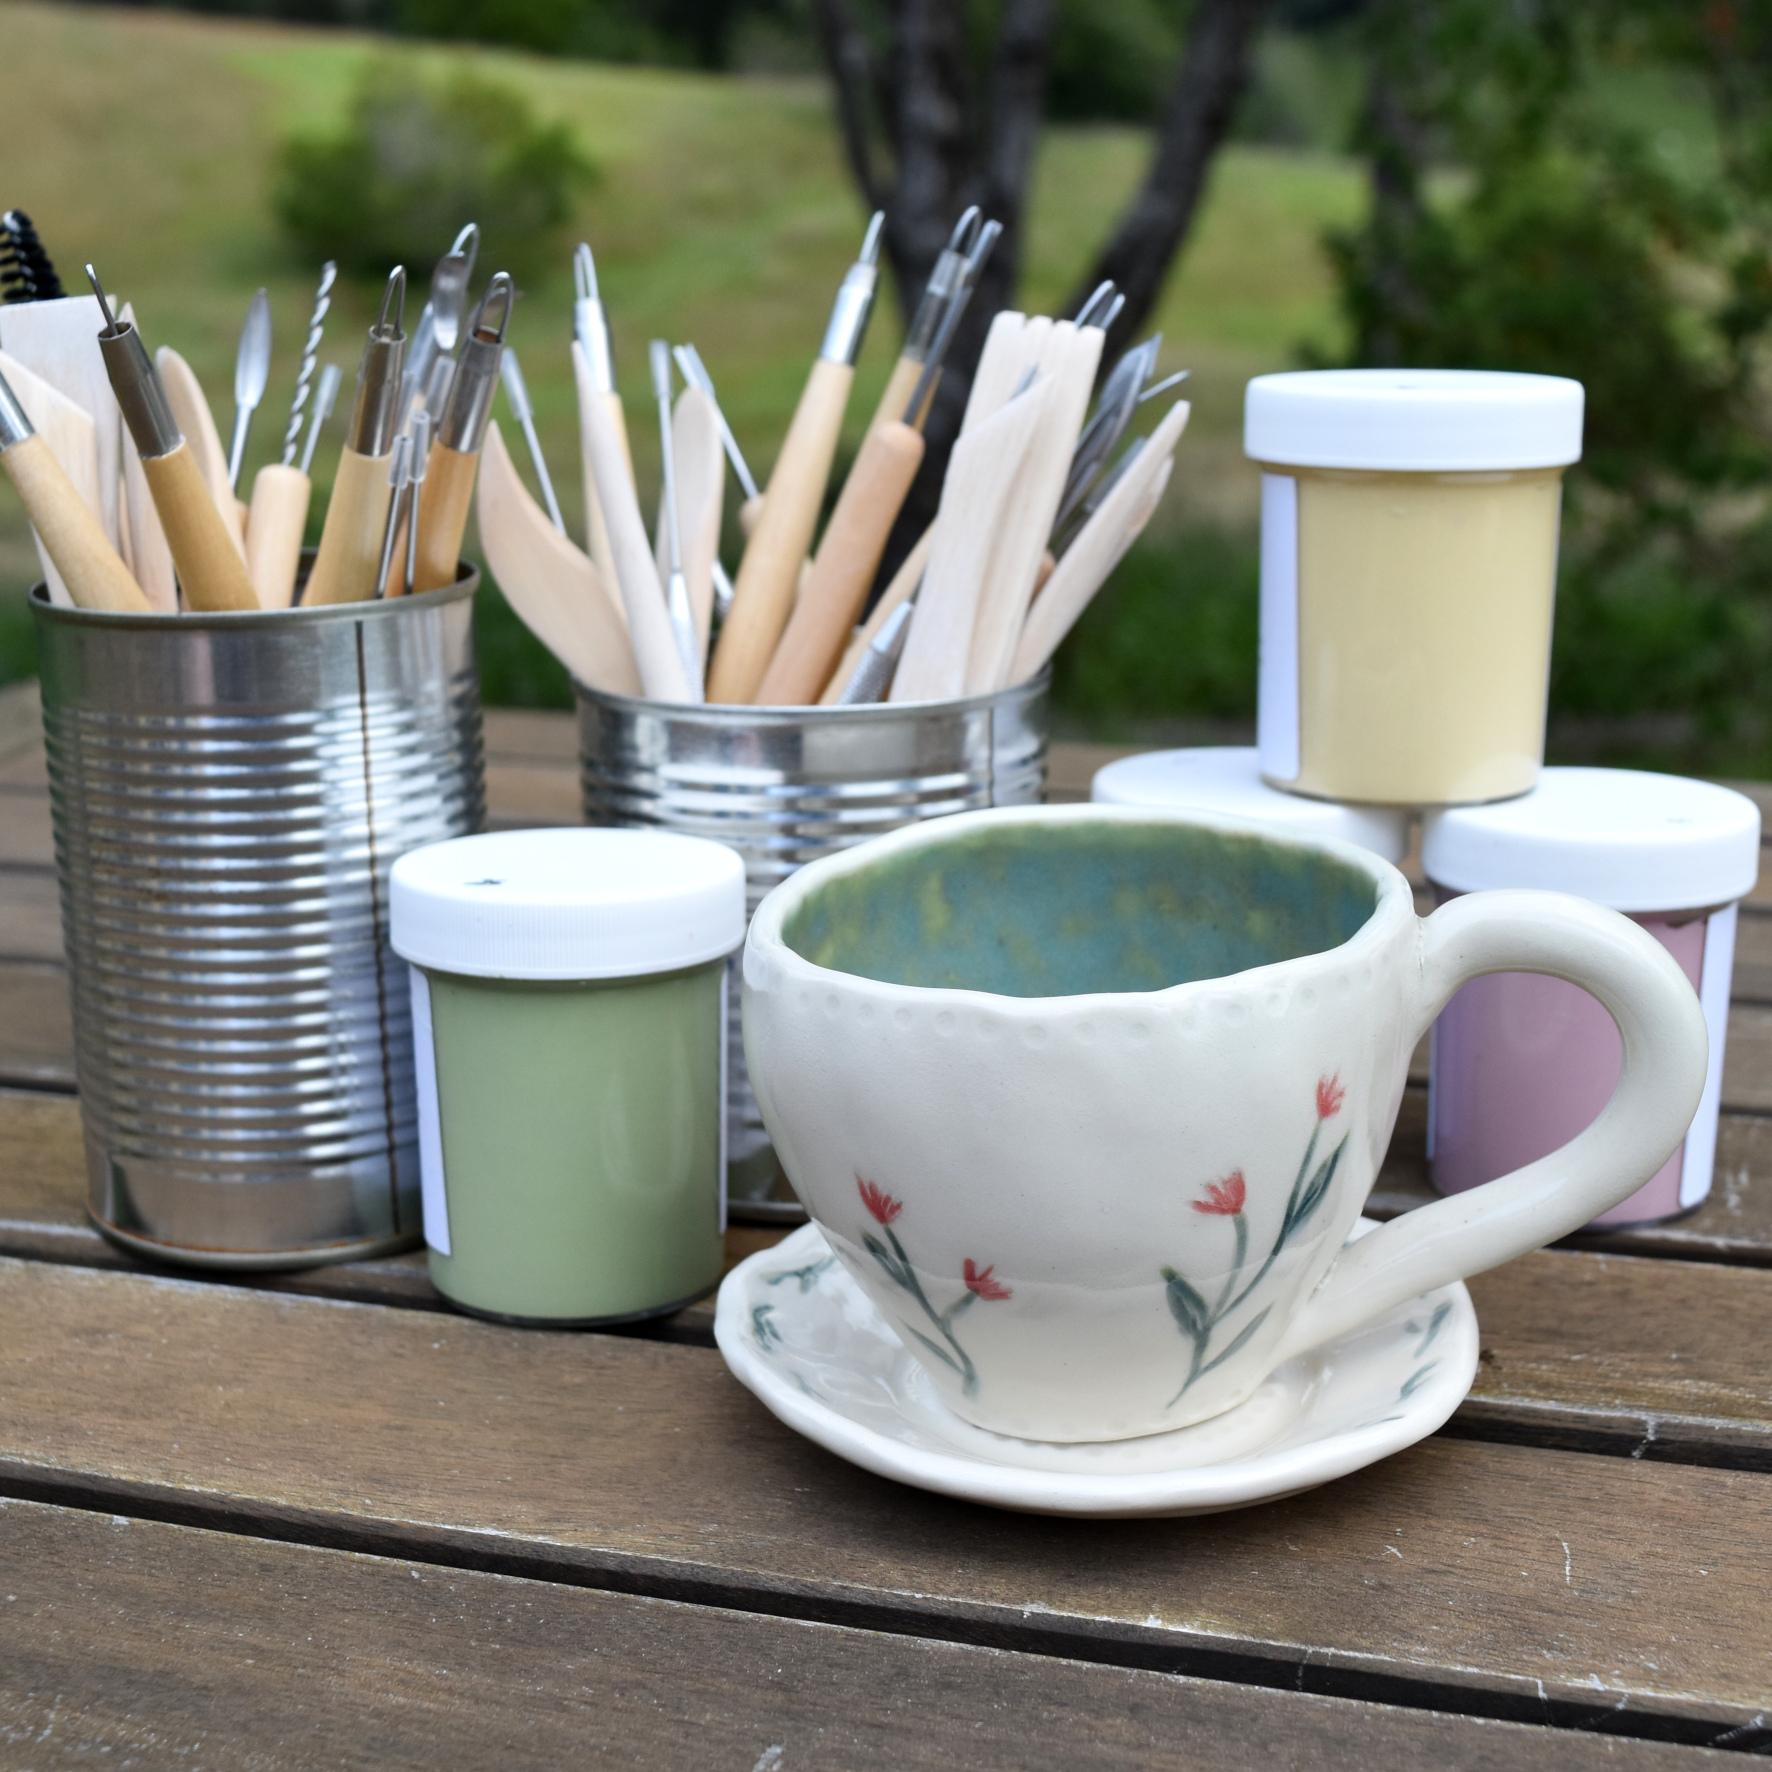 teacup saucer party.JPG